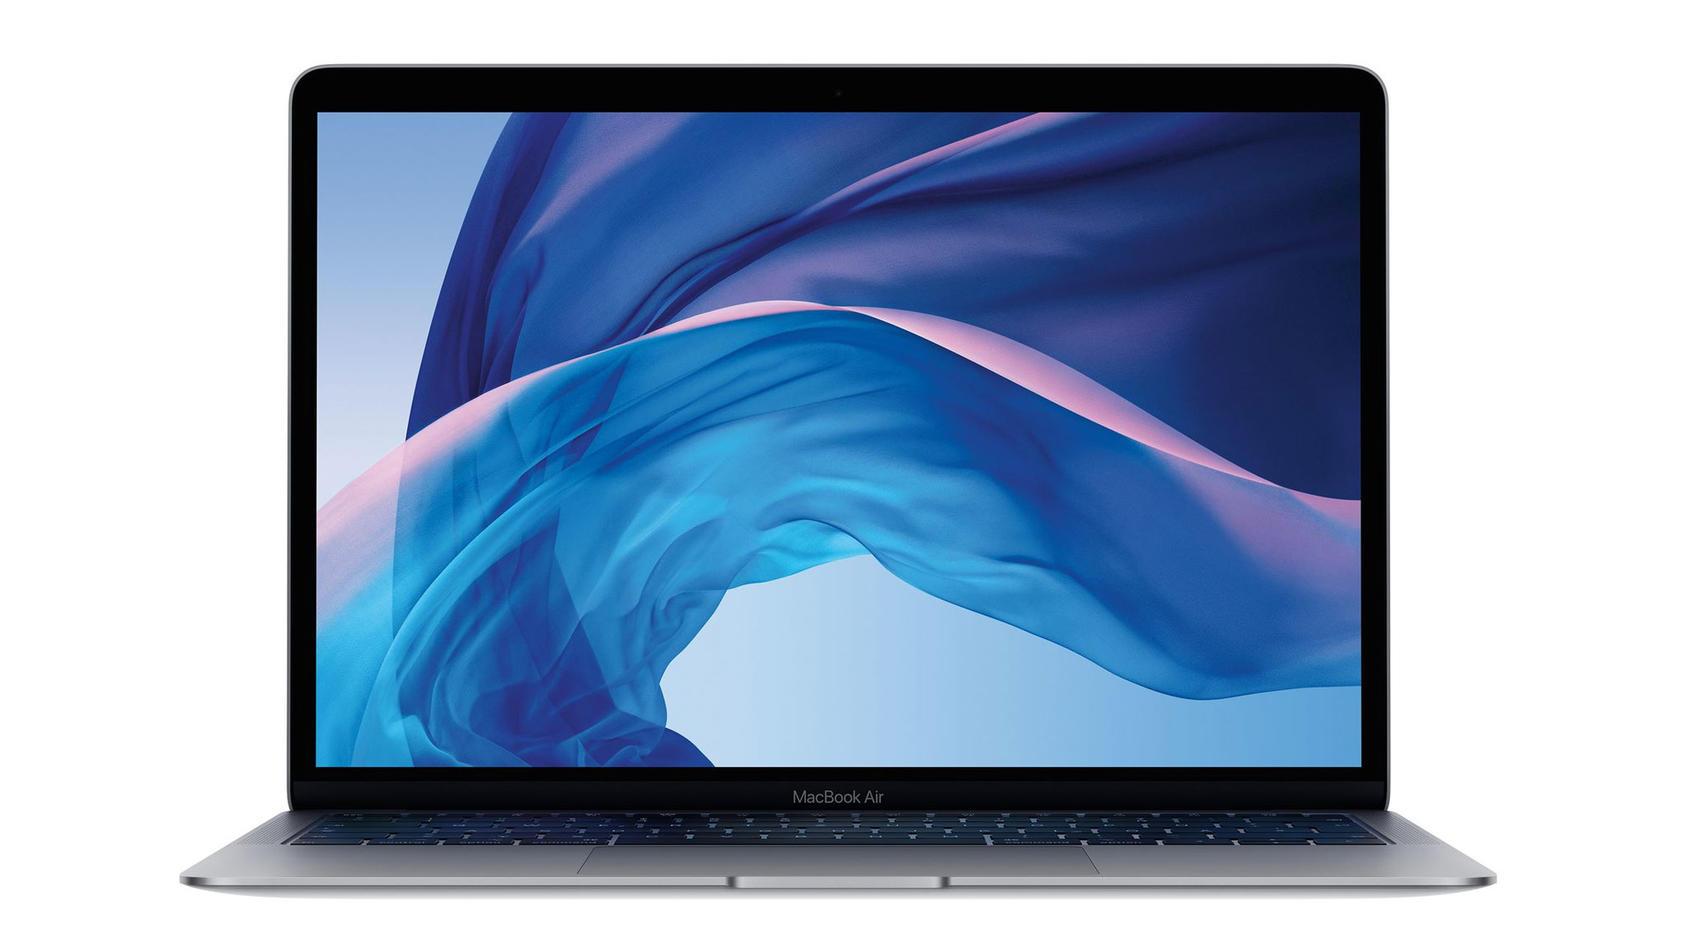 Unter anderem das Apple MacBook Air gibt es jetzt günstig bei Saturn!